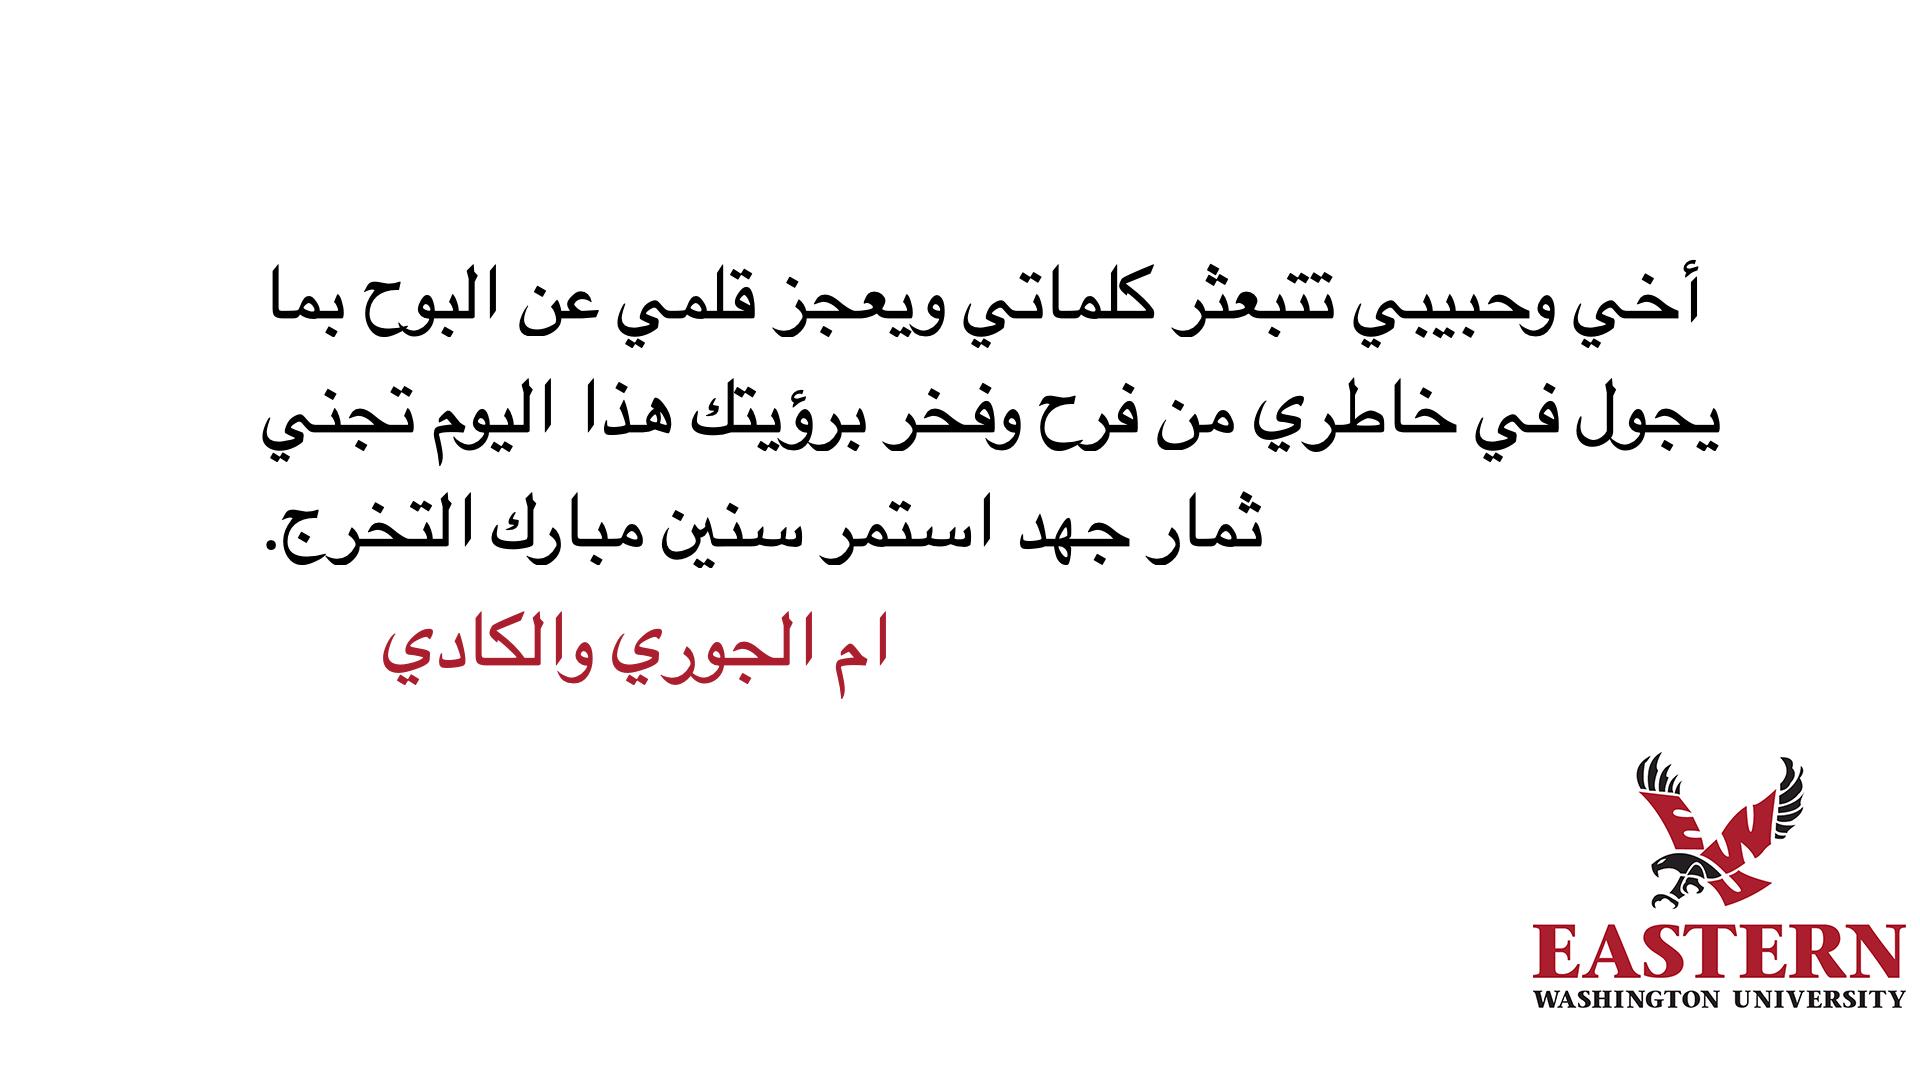 tbi_abdulrahman-abdullah-a_2785.png